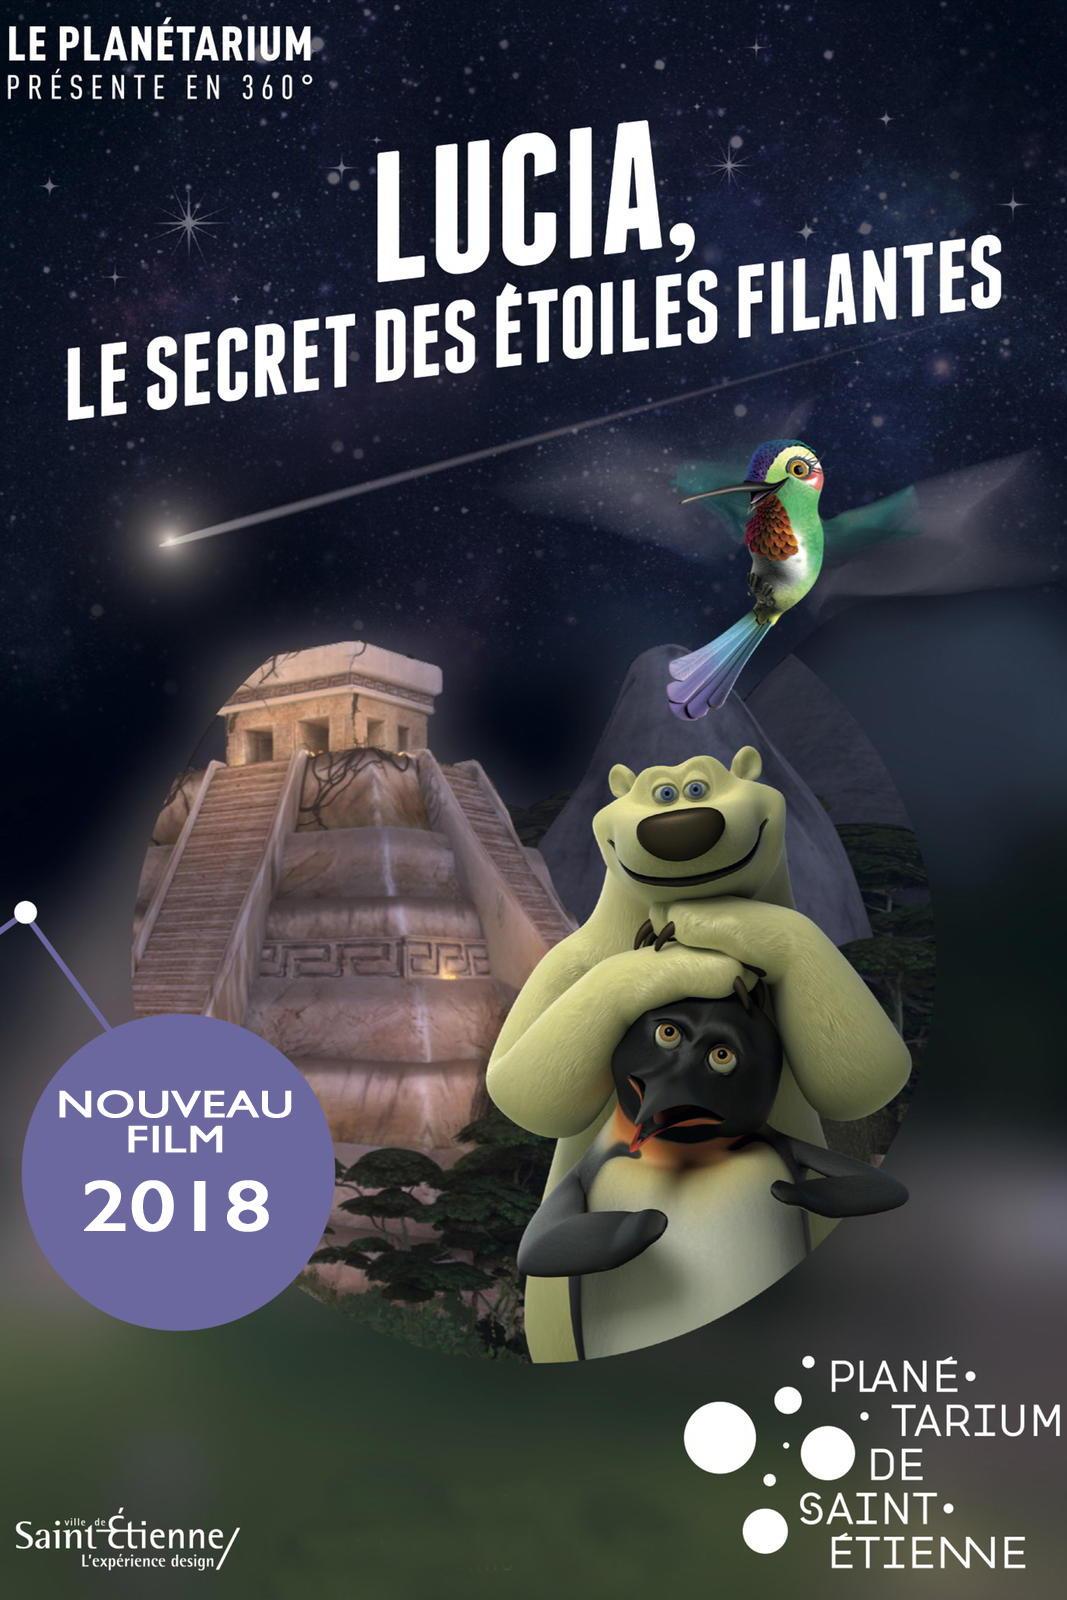 Lucia, le secret des étoiles filantes (3D)